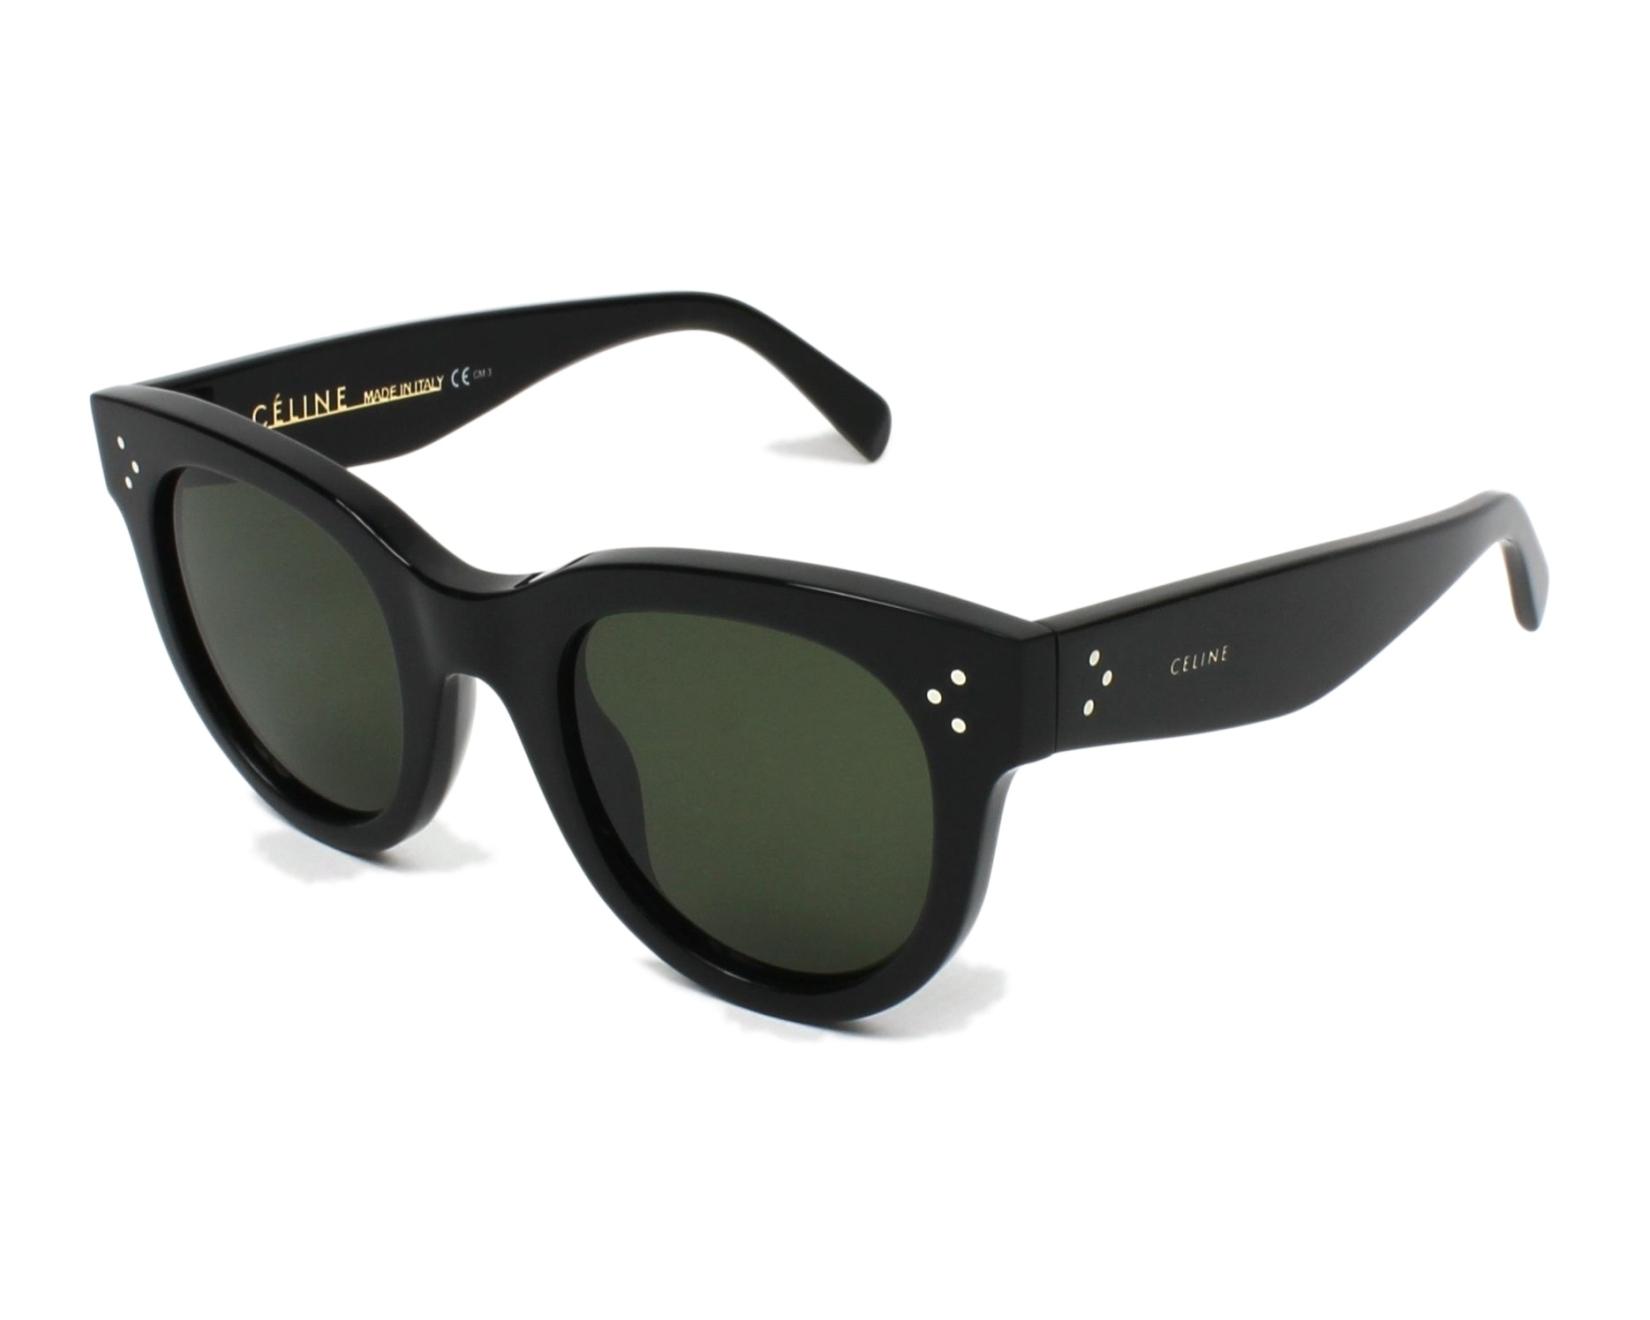 1c8a74ba01 thumbnail Sunglasses Céline CL-41053-S 807 1E - Black profile view